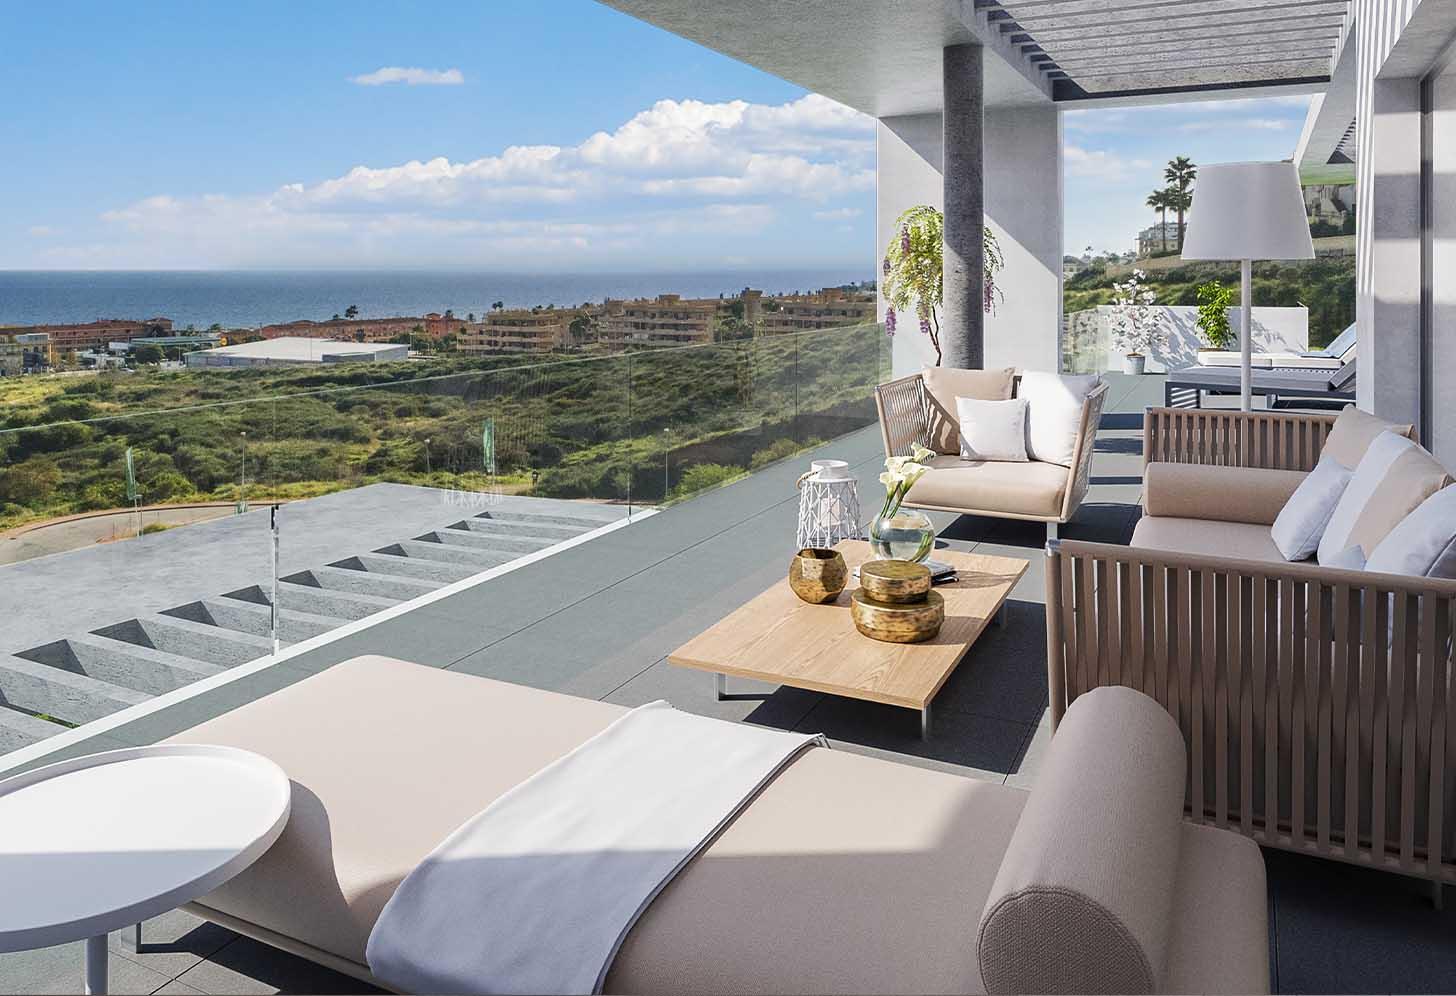 immobilier neuf espagne costa del sol on-e12 Navigolf terrasse